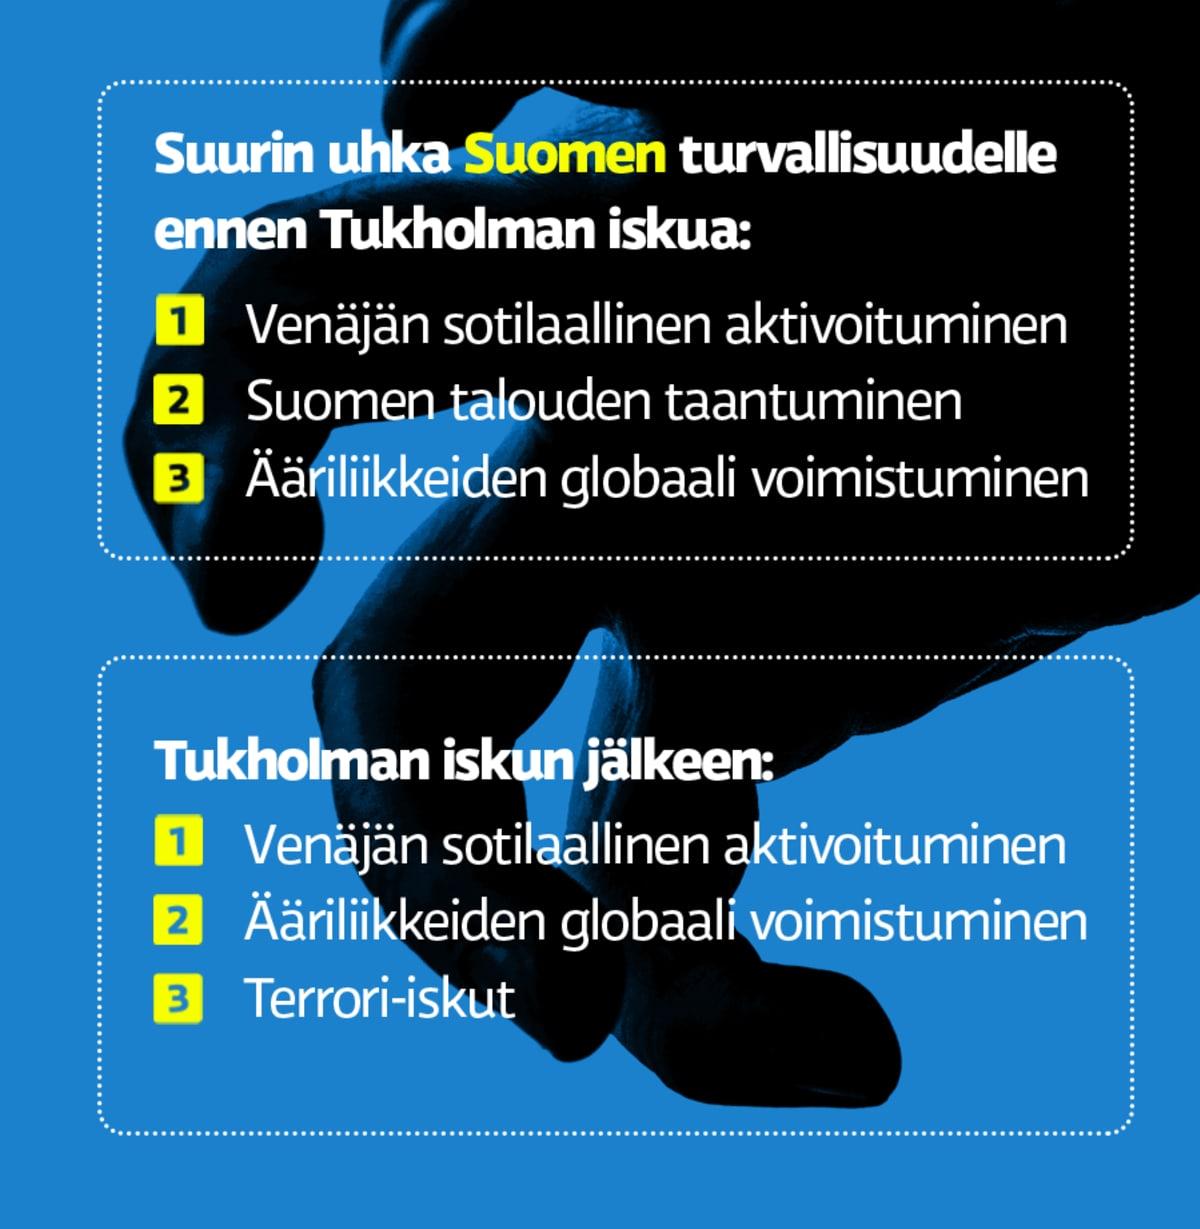 Uhat Suomen turvallisuudelle